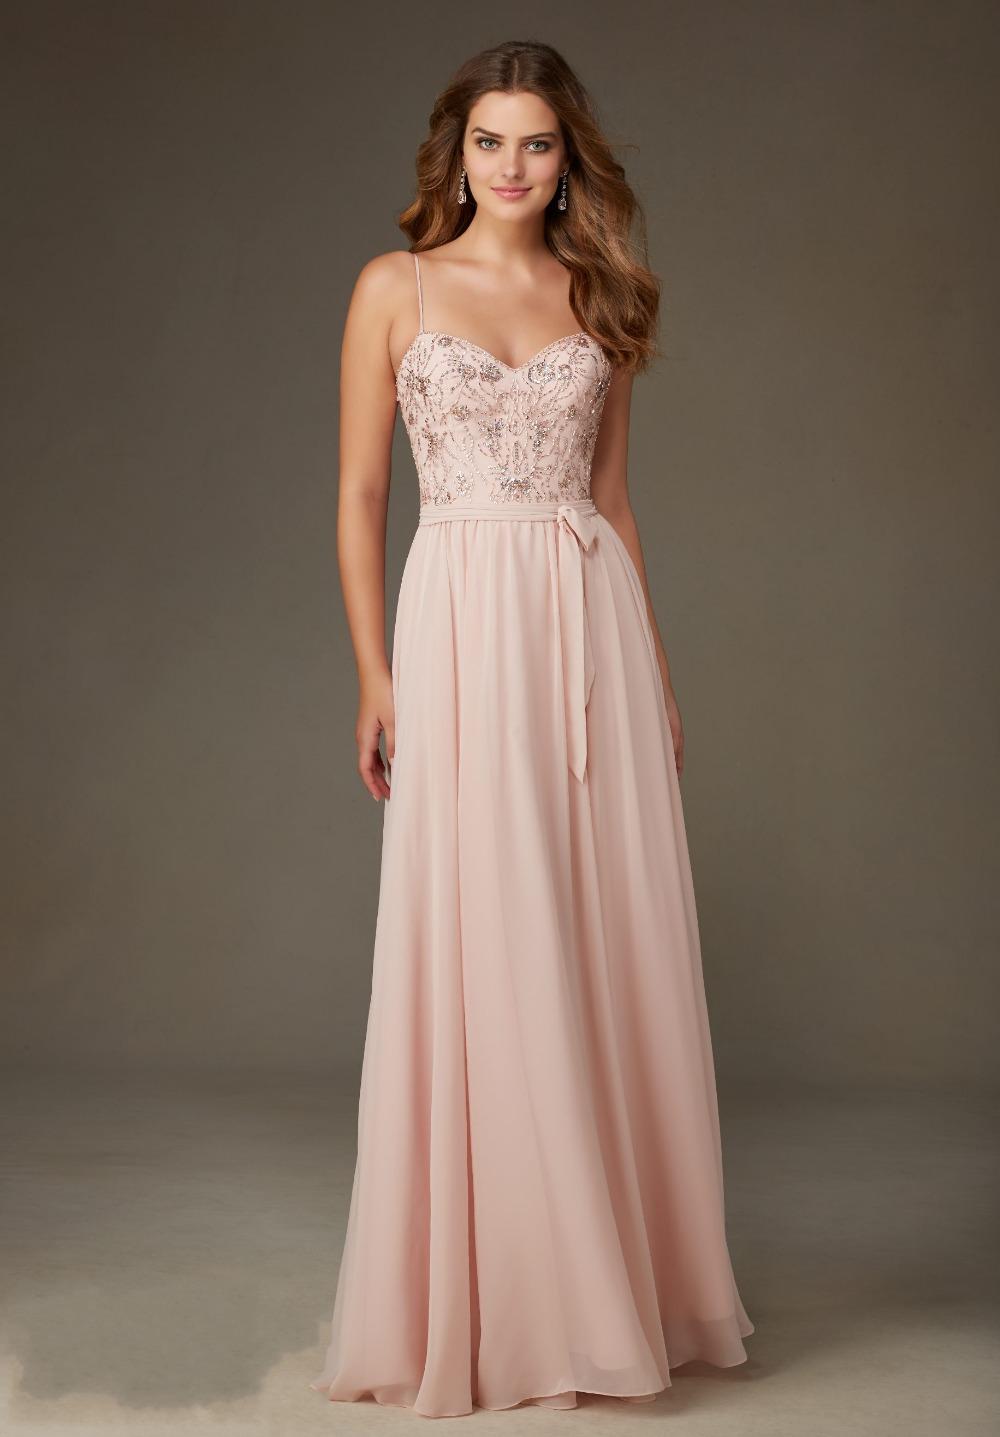 Straps Blush Pink Bridesmaid Dress